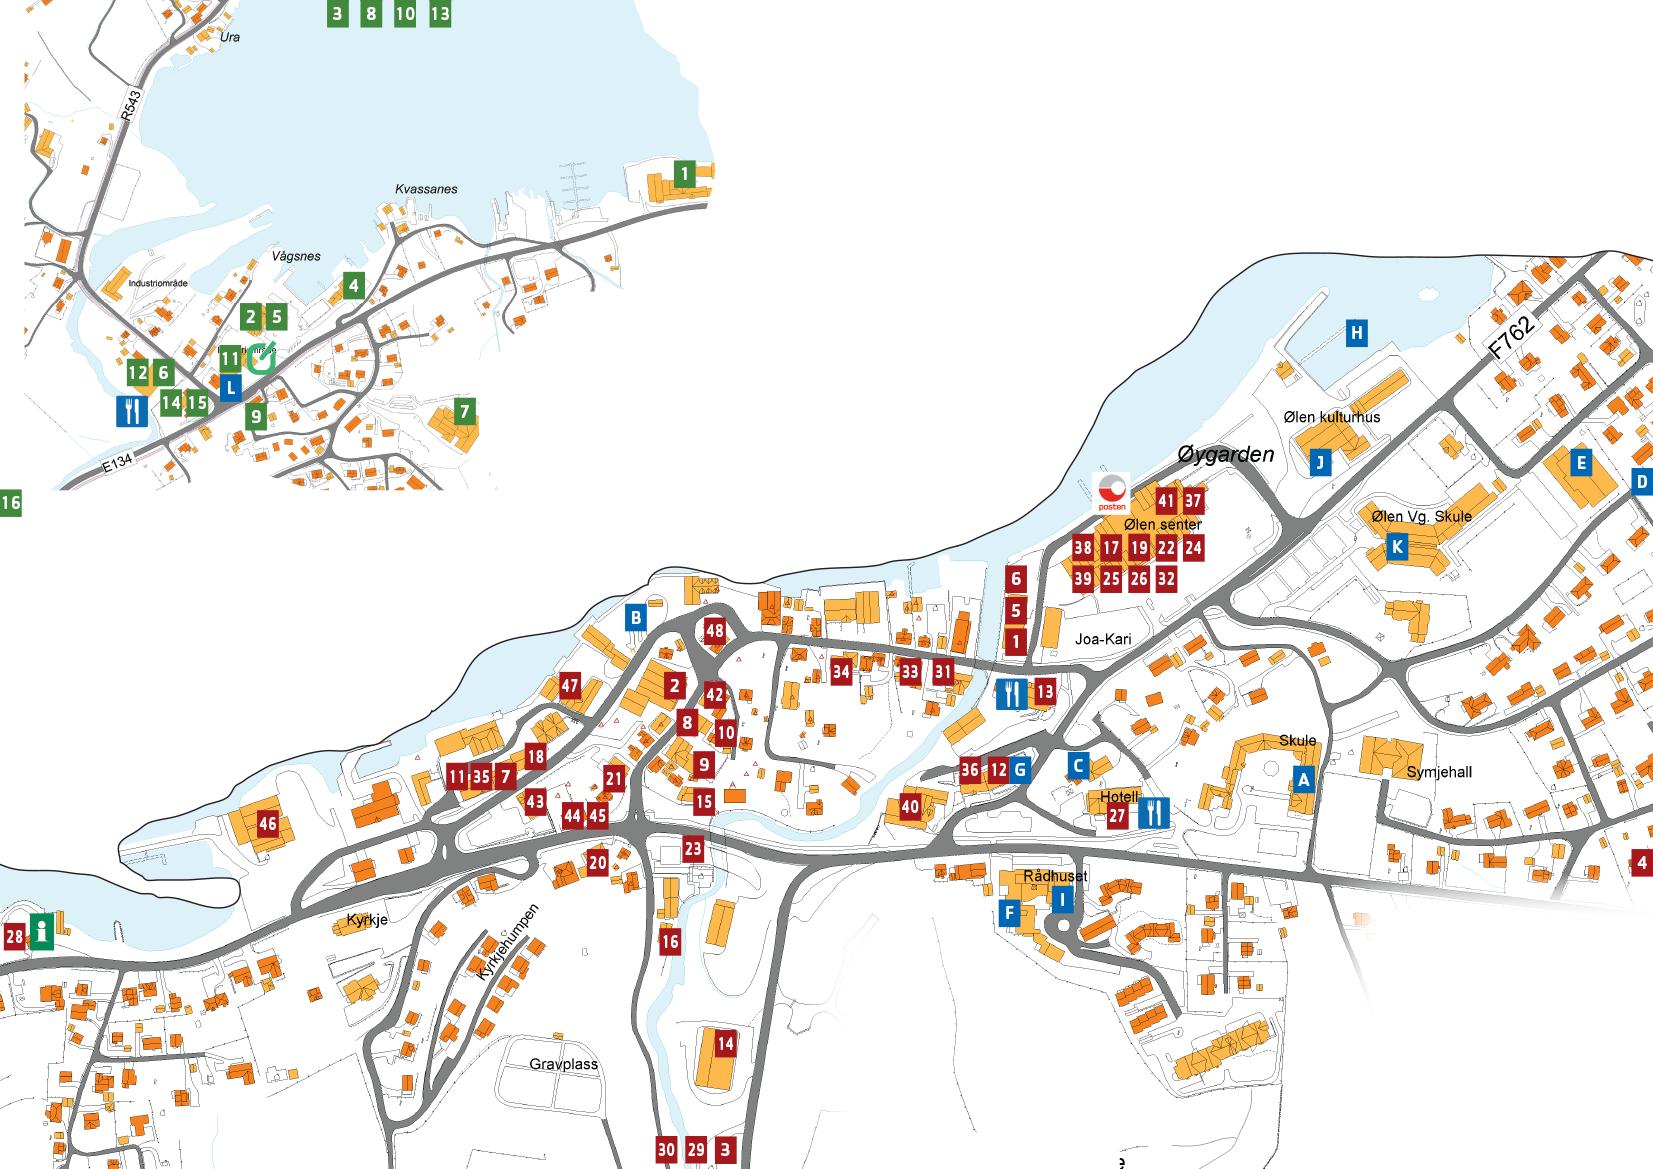 Bilete av kart med lokasjon til butikkar og bedrifter